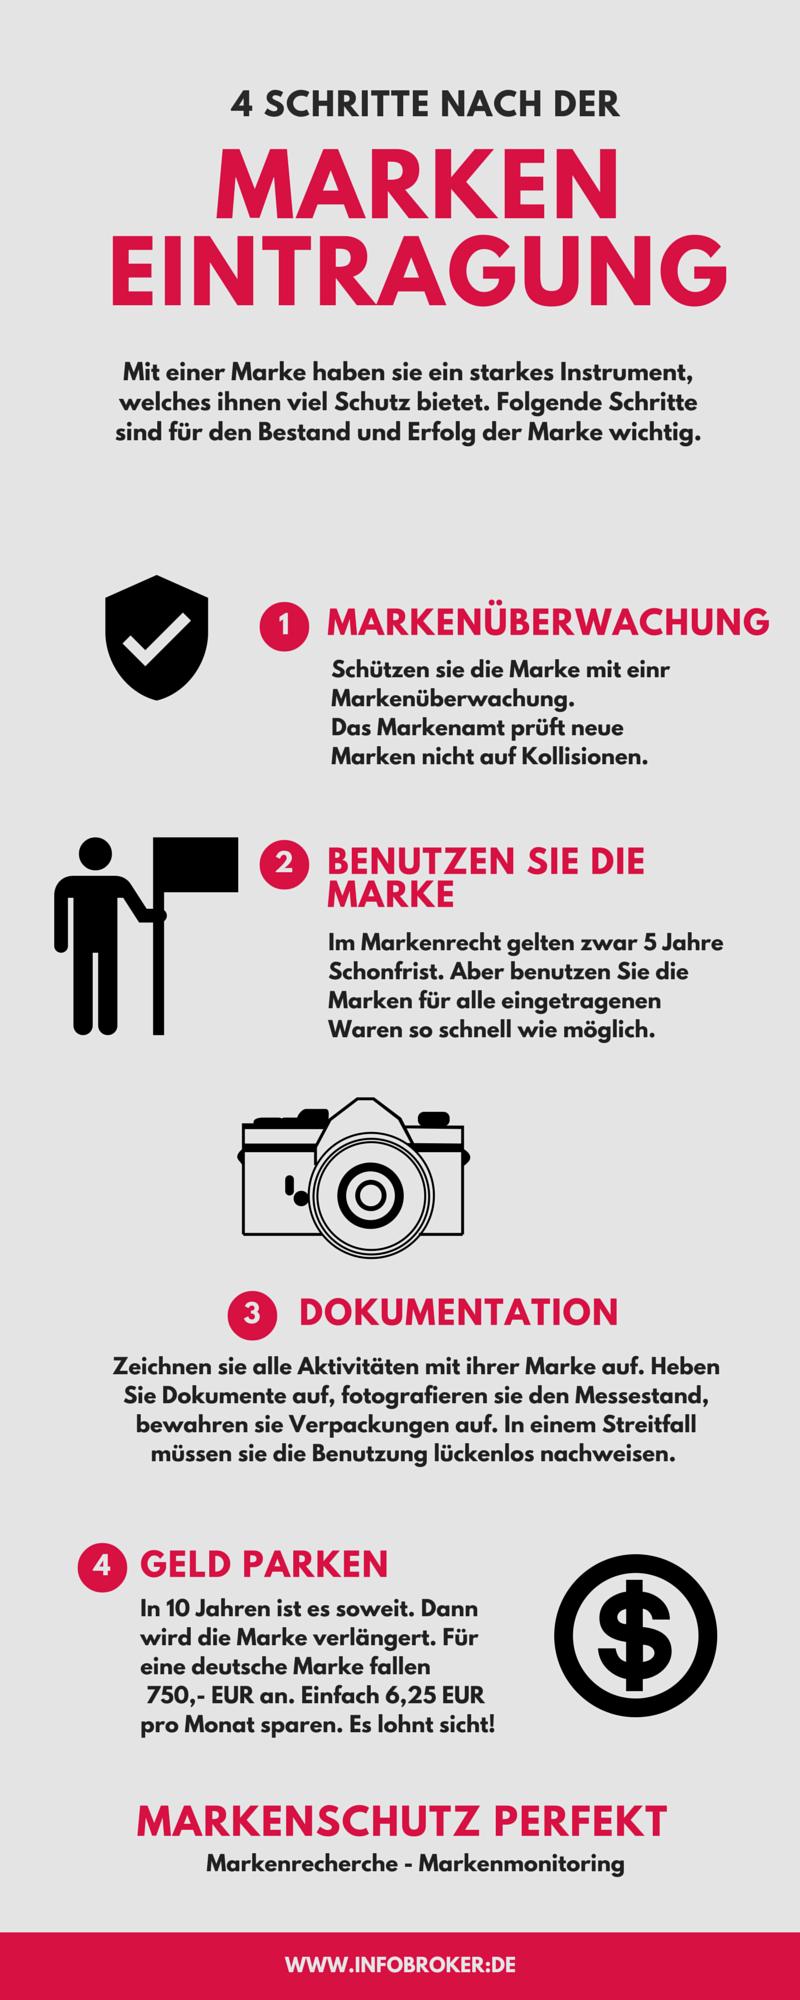 4-schritte nach der markeneintragung-infografik